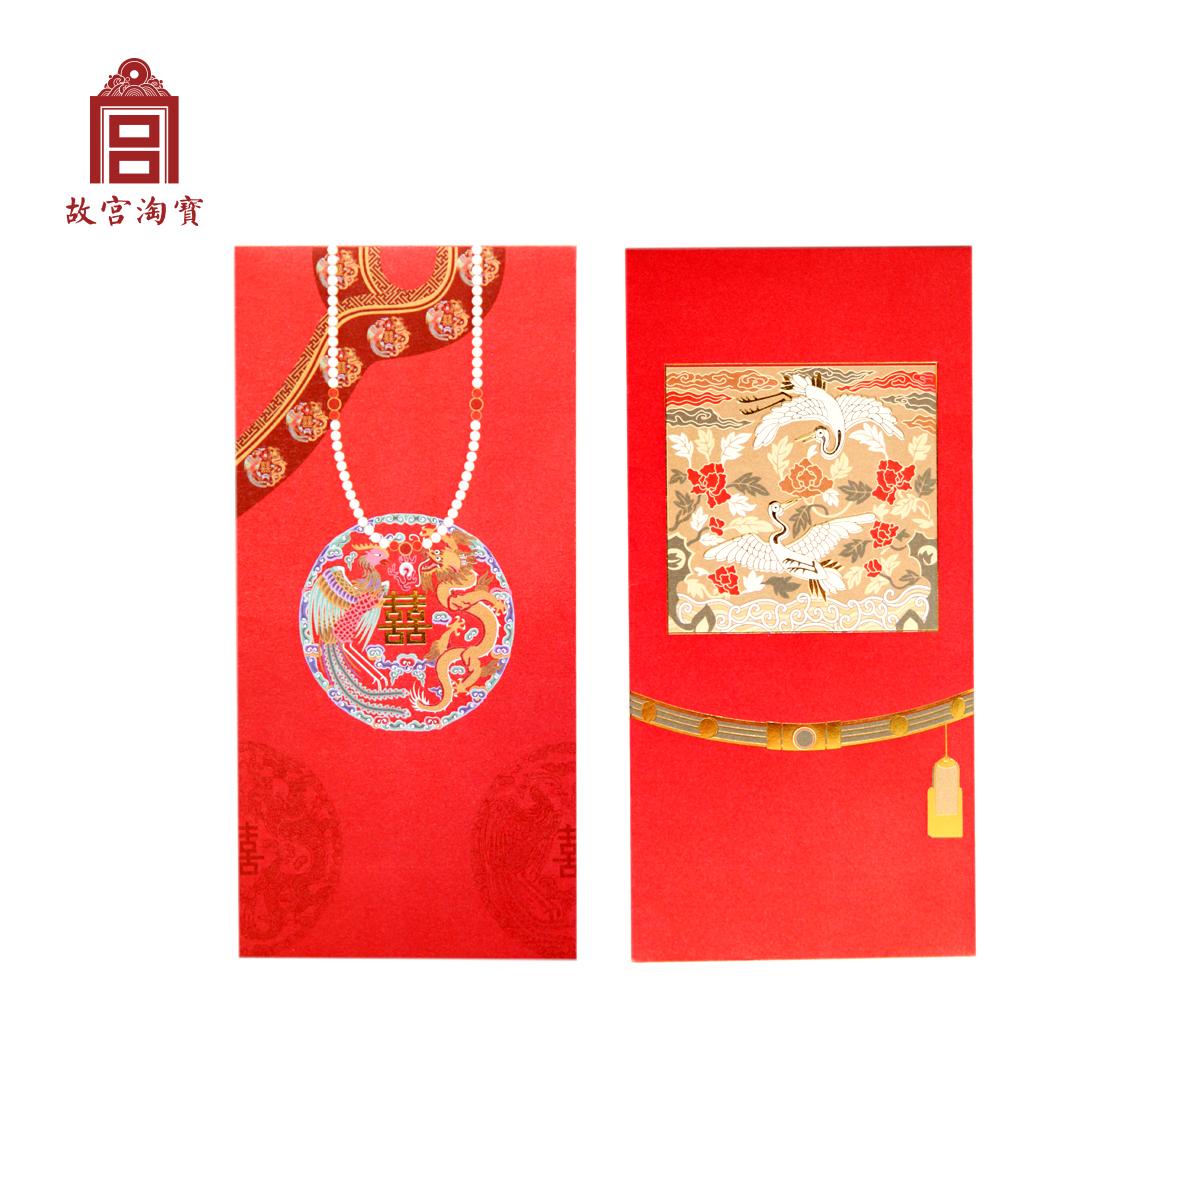 Конверты для Китайского нового года Артикул 38790276379